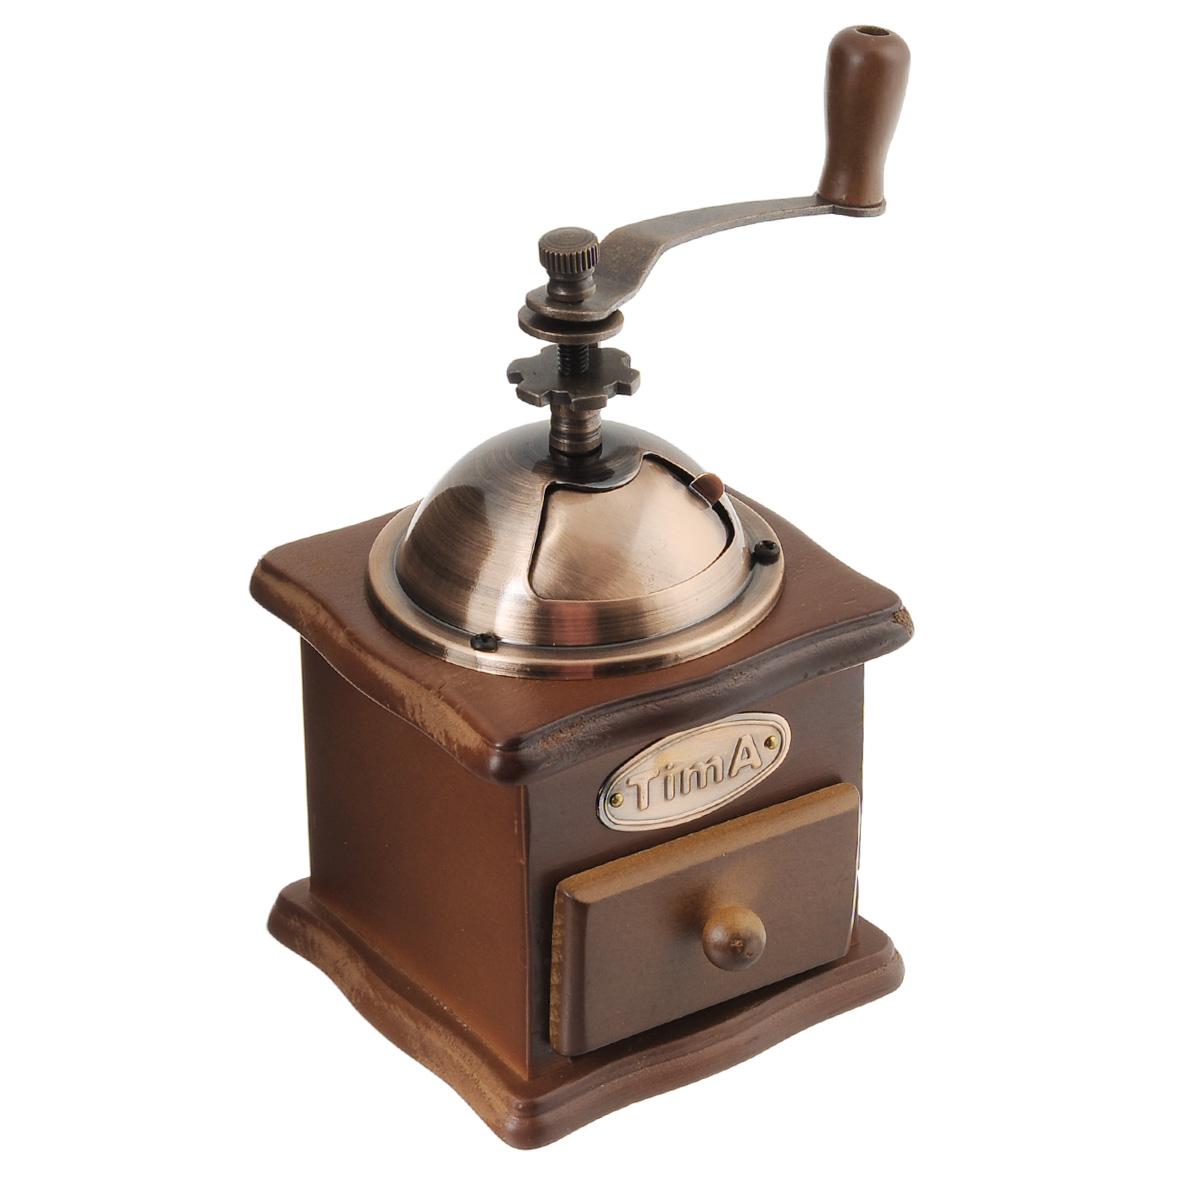 Кофемолка ручная TimA. SL-008SL-008Ручная кофемолка TimA, выполненная из дерева и металла, сочетает в себе эстетичность и функциональность. Она оснащена выдвижным деревянным ящичком для молотого кофе, металлической воронкой и удобной элегантной ручкой для помола. Изделие снабжено внутренним керамическим механизмом. Вы сможете регулировать степень помола от мелкого до крупного. Инструкция по регулировке степени помола имеется на упаковке изделия. Такая кофемолка станет незаменимым помощником на вашей кухне.Высота кофемолки: 16 см.Размер основания кофемолки: 10 см х 10 см.